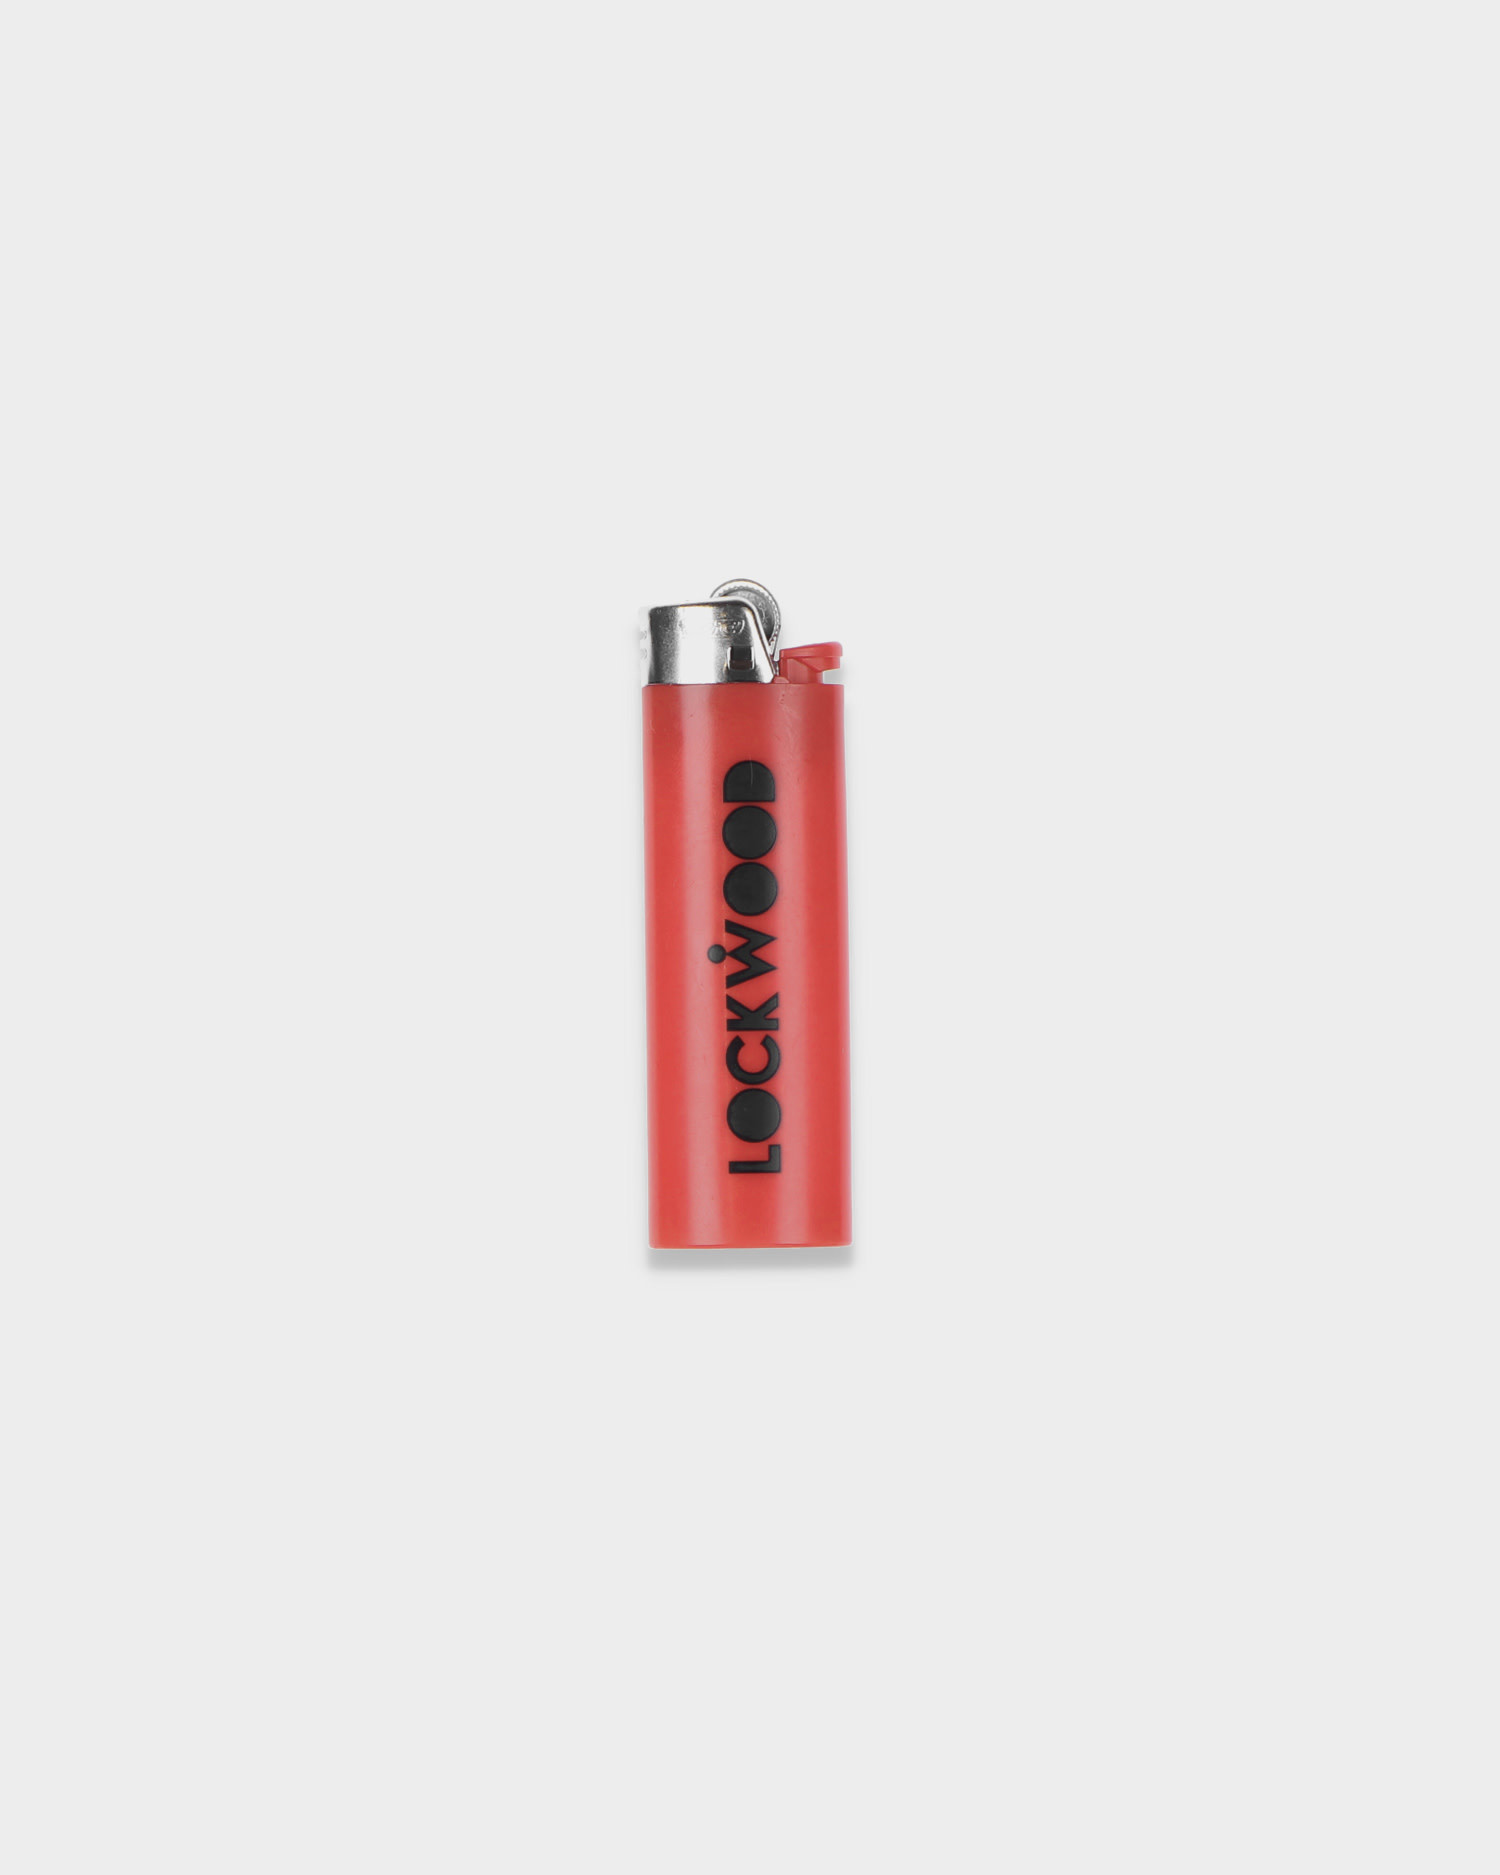 Lockwood X Korsakov Lighter